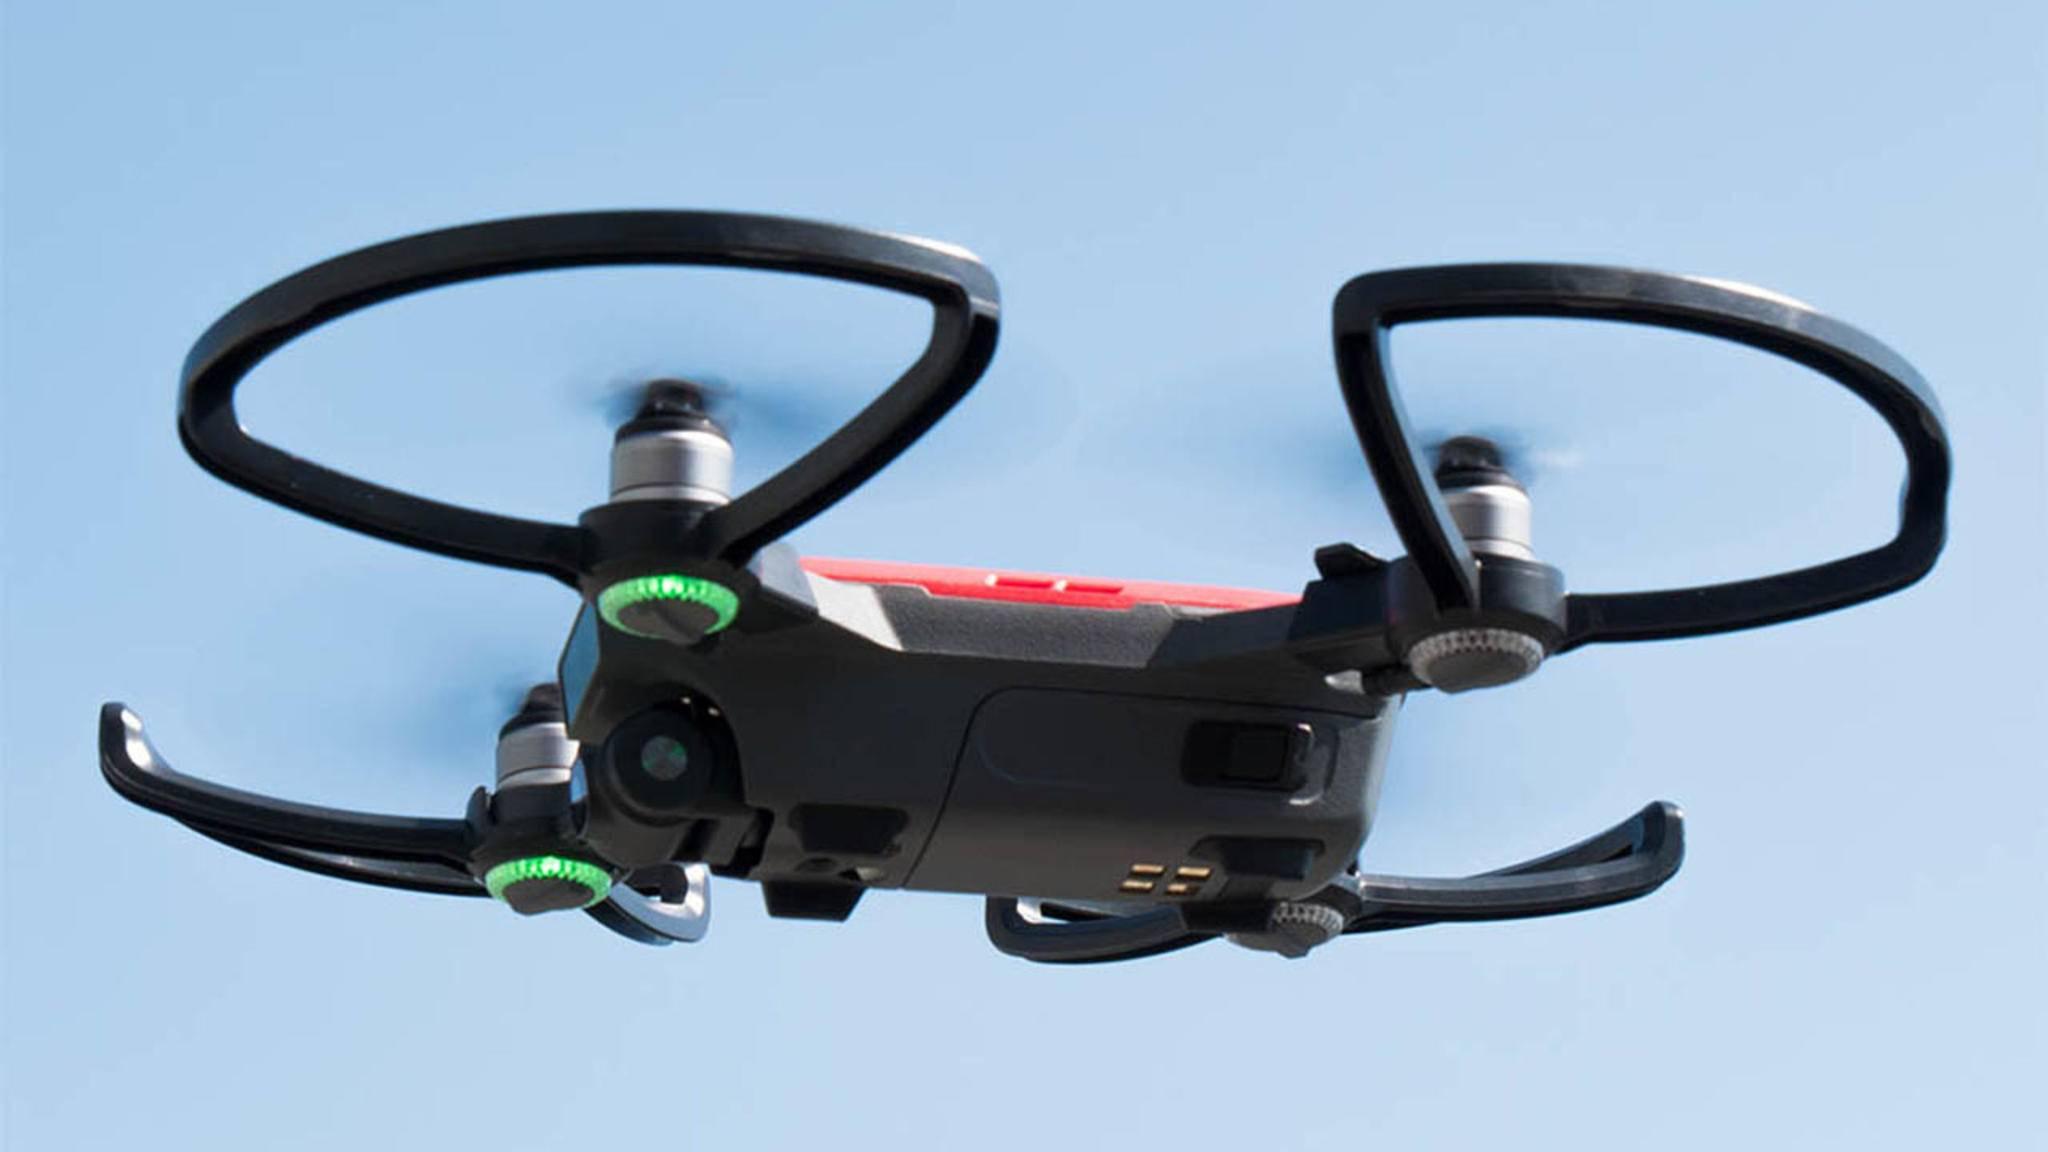 Drohnen wie die DJI Spark gibt es längst für den Privatgebrauch zu kaufen.